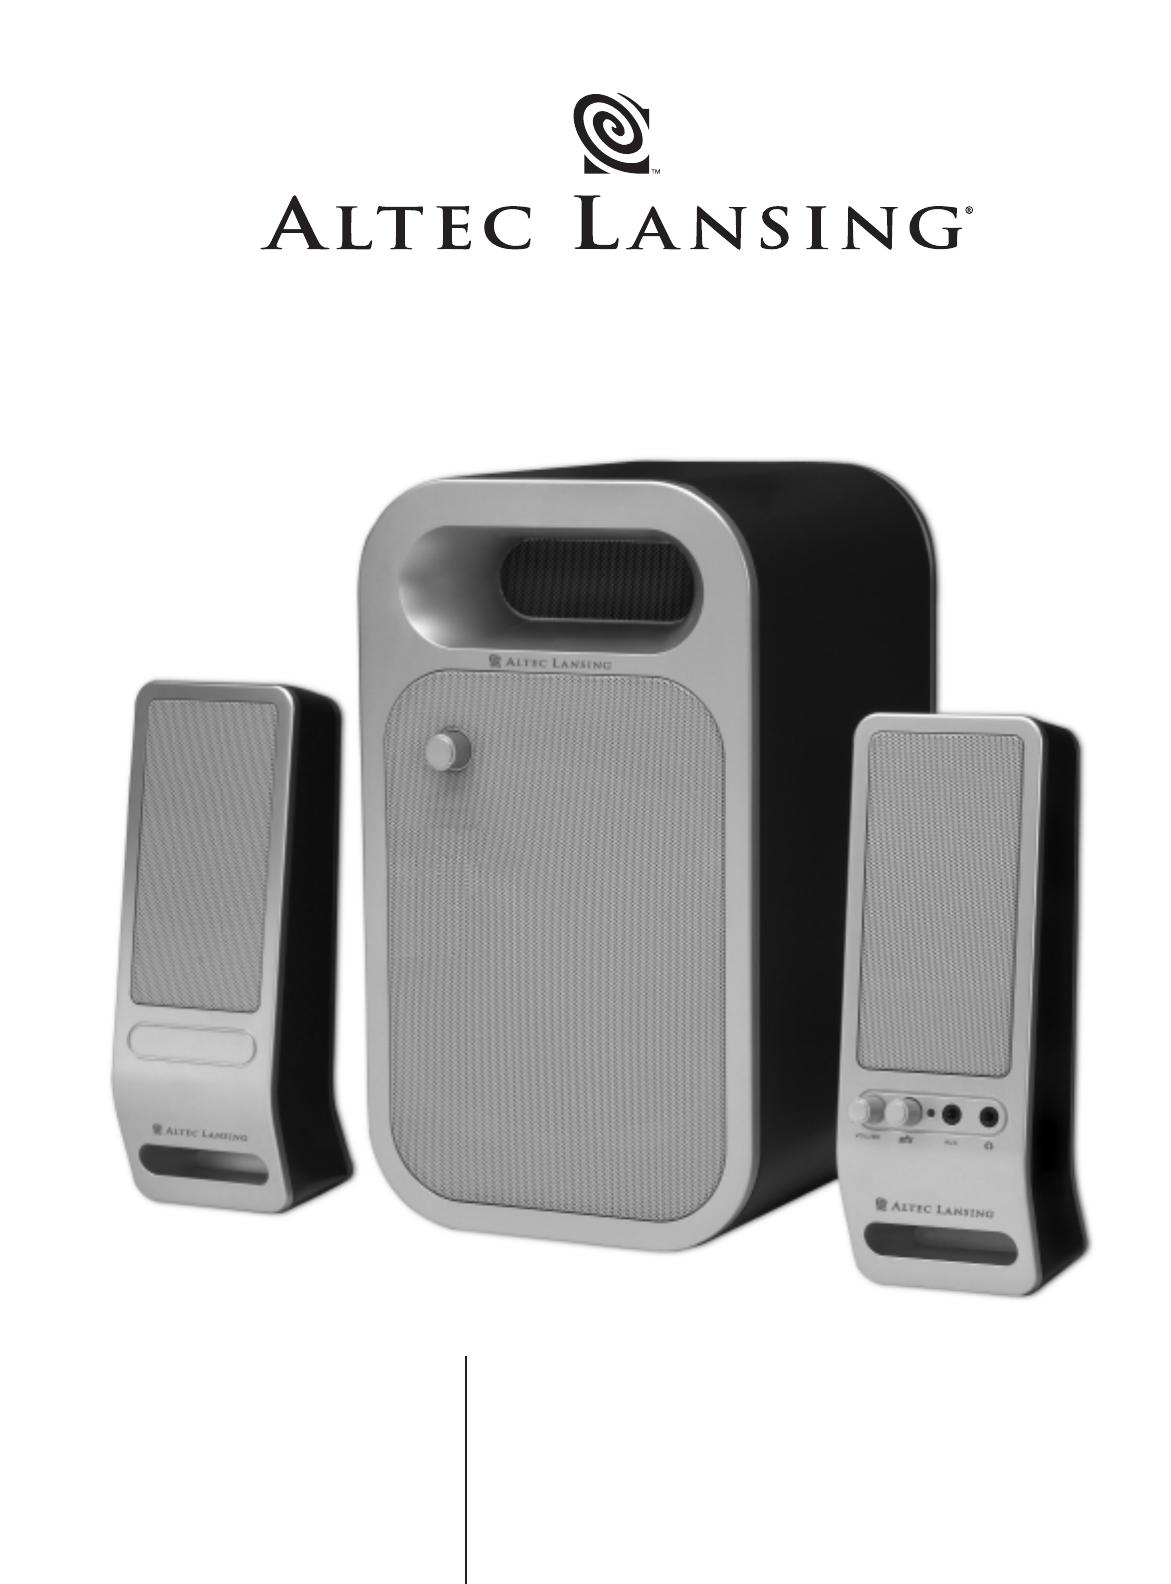 altec lansing portable speaker vs232 user guide manualsonline com rh portablemedia manualsonline com Altec Lansing A7 Altec Lansing Speakers